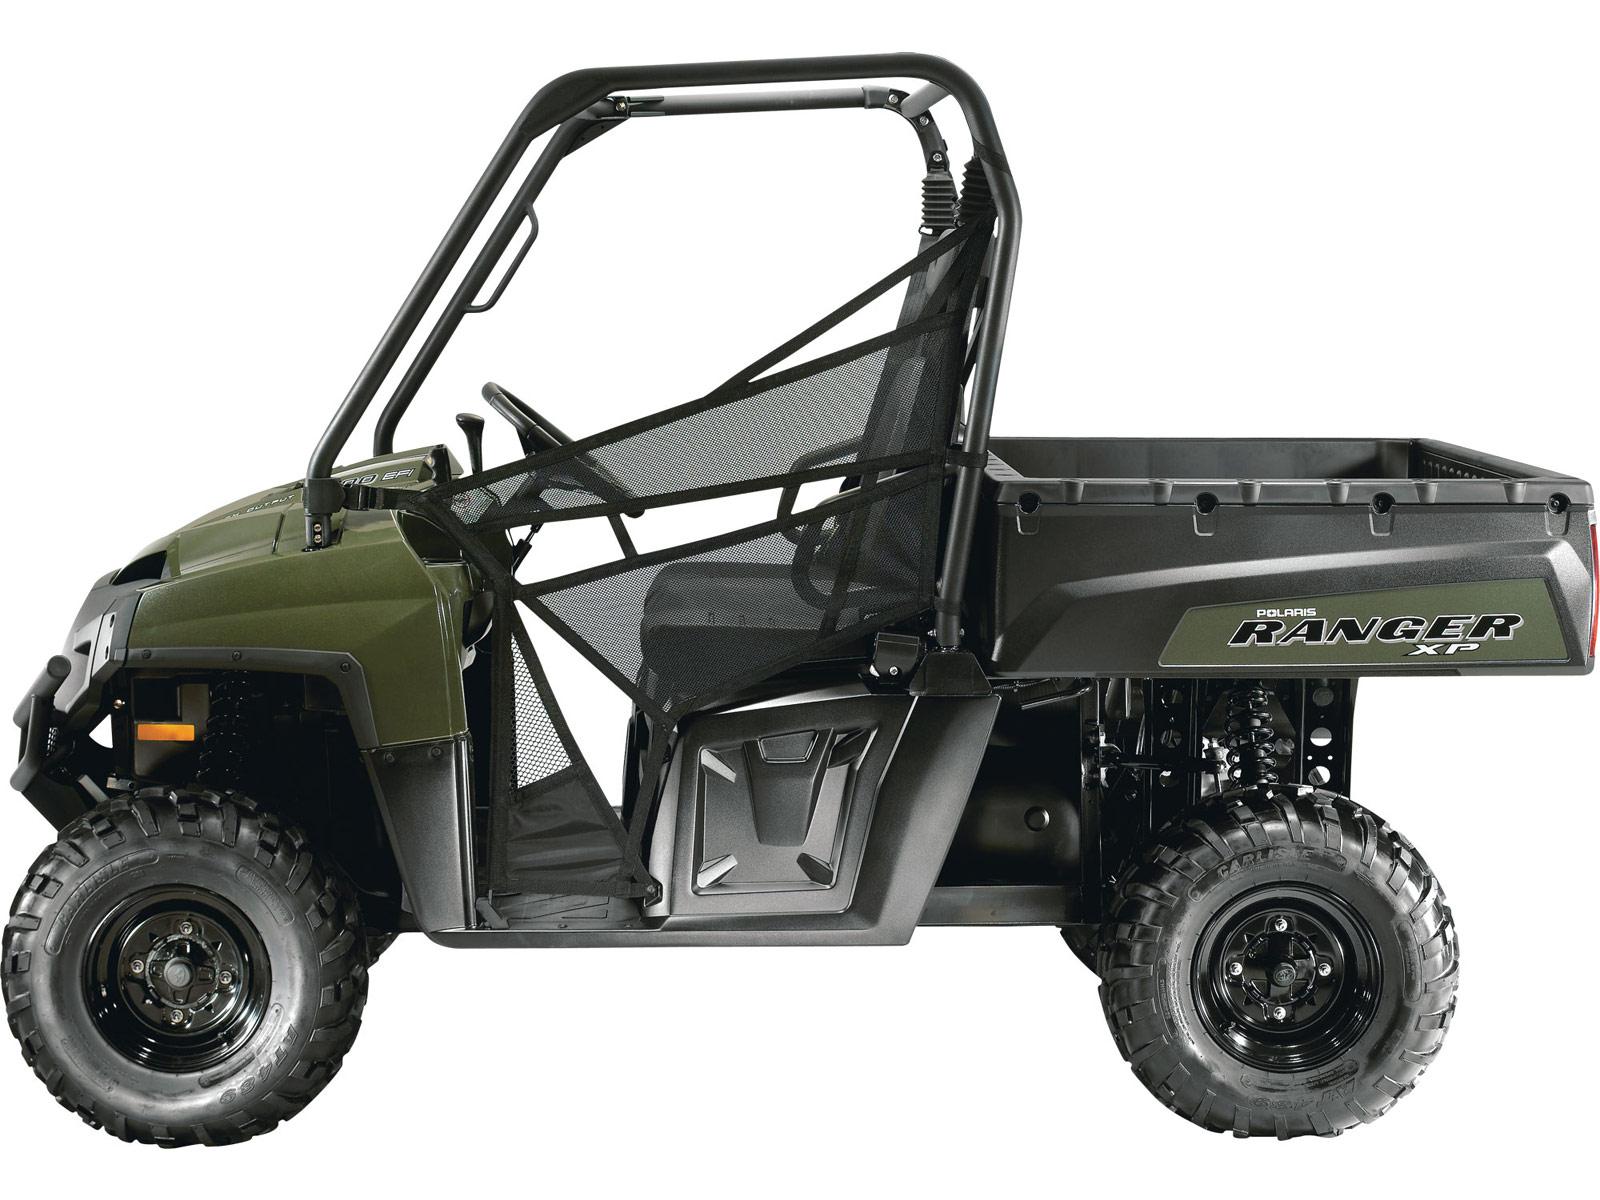 2012 POLARIS Ranger XP800EPS ATV Wallpaper 1600x1200